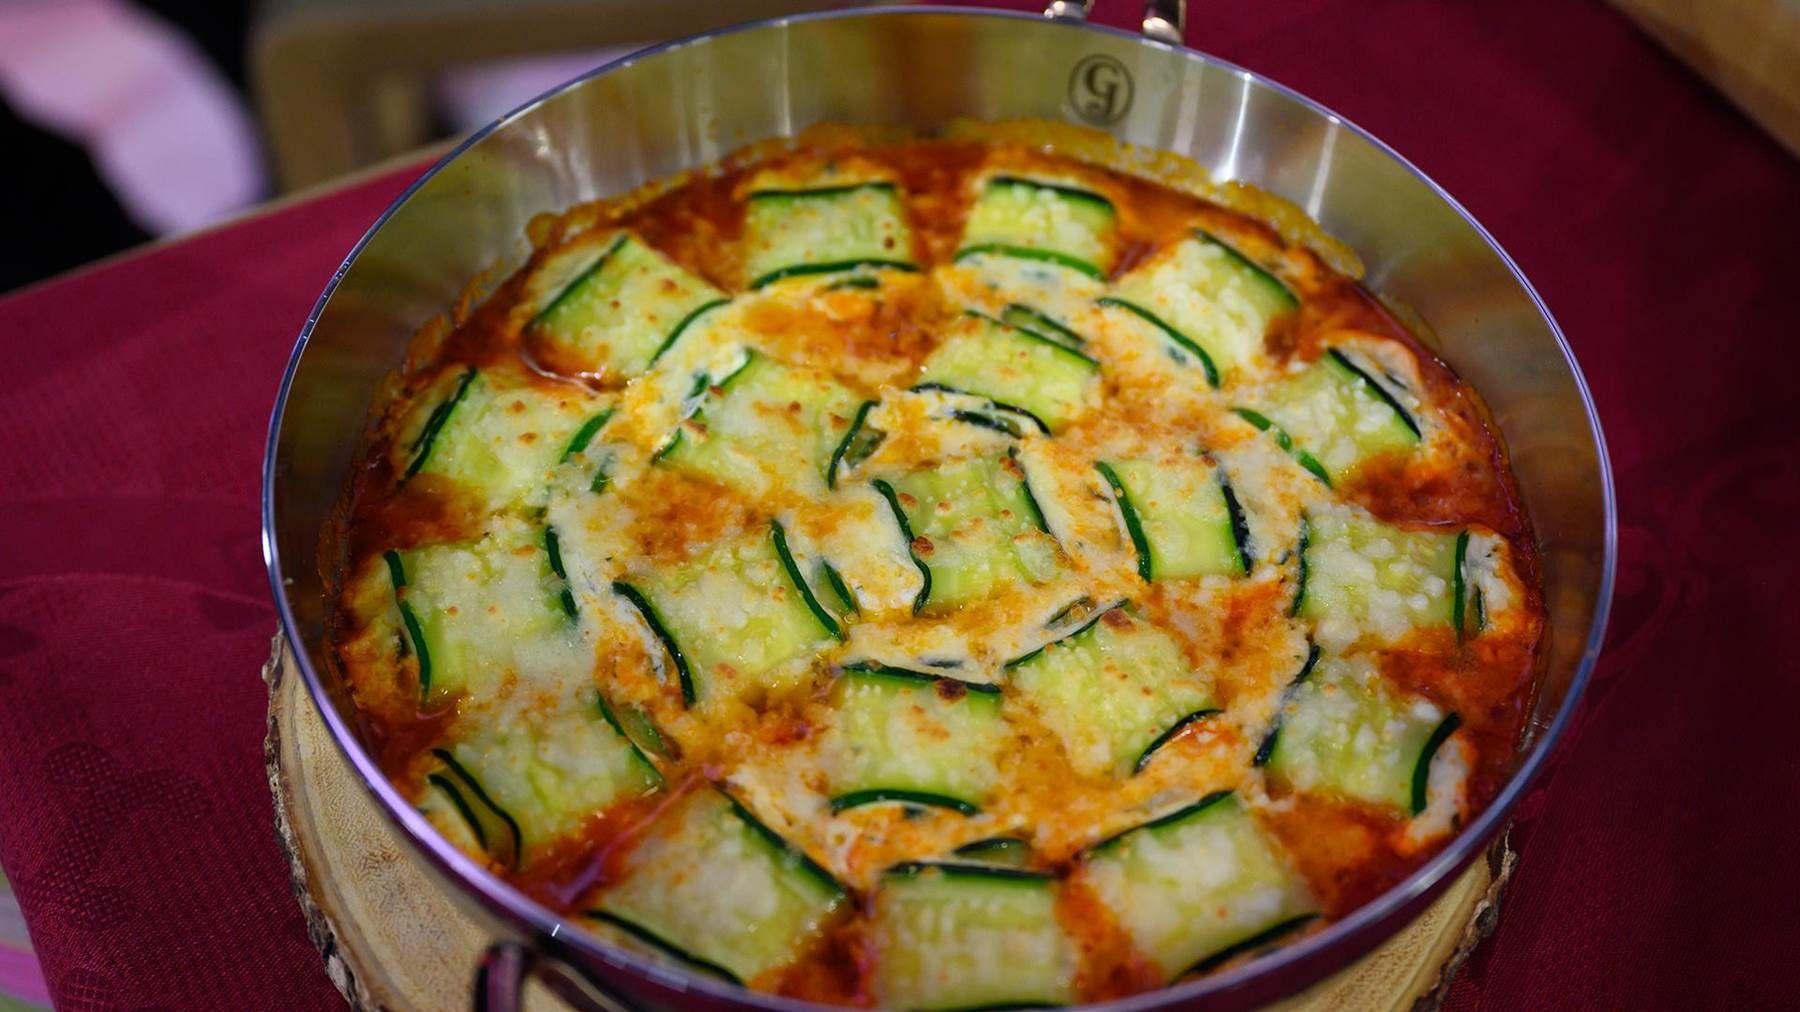 Valerie Bertinelli S Zucchini Rollatini Recipe In 2020 Zucchini Low Carb Casseroles Pancetta